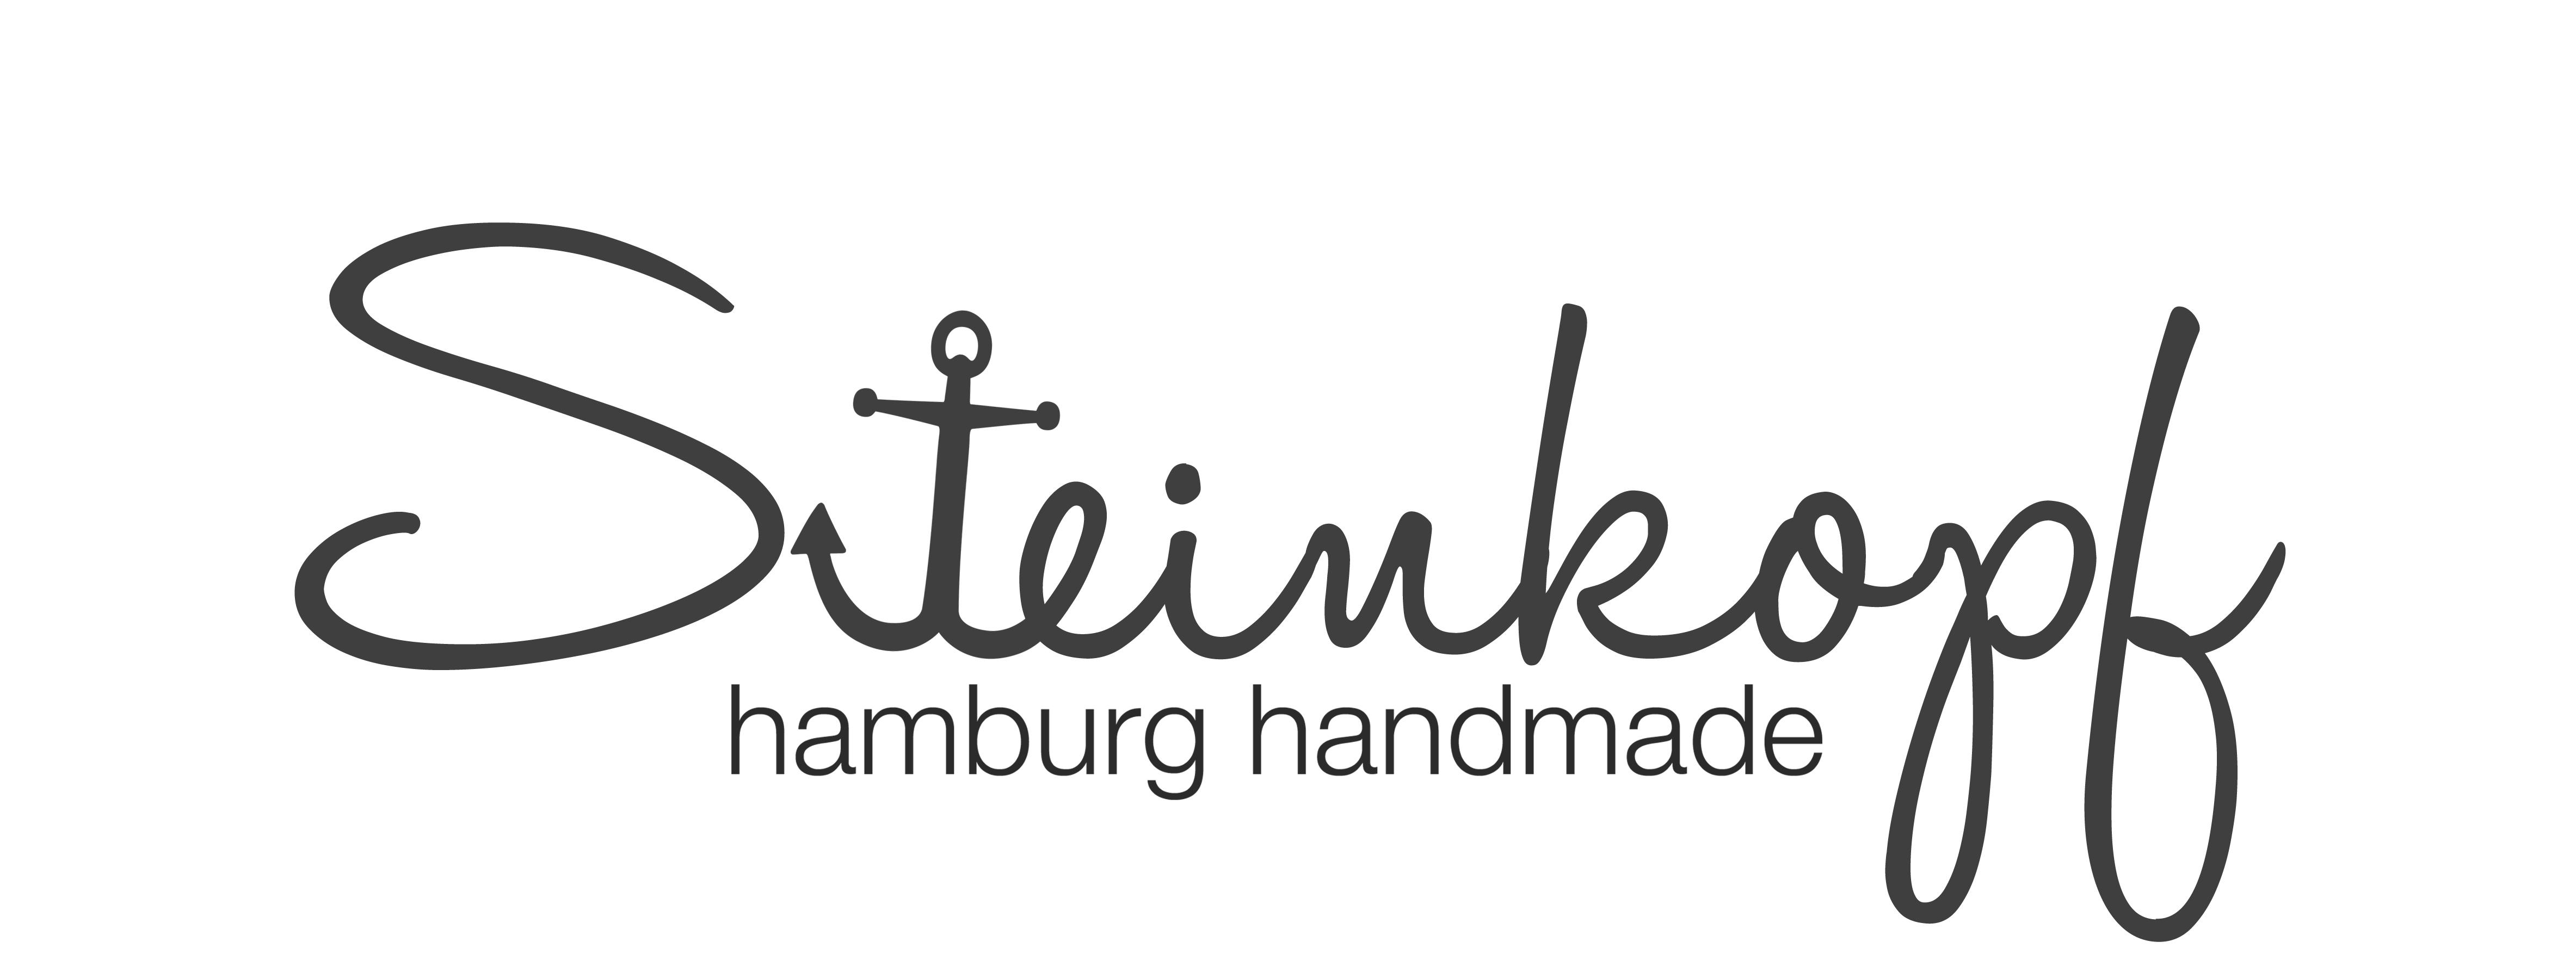 Steinkopf handmade